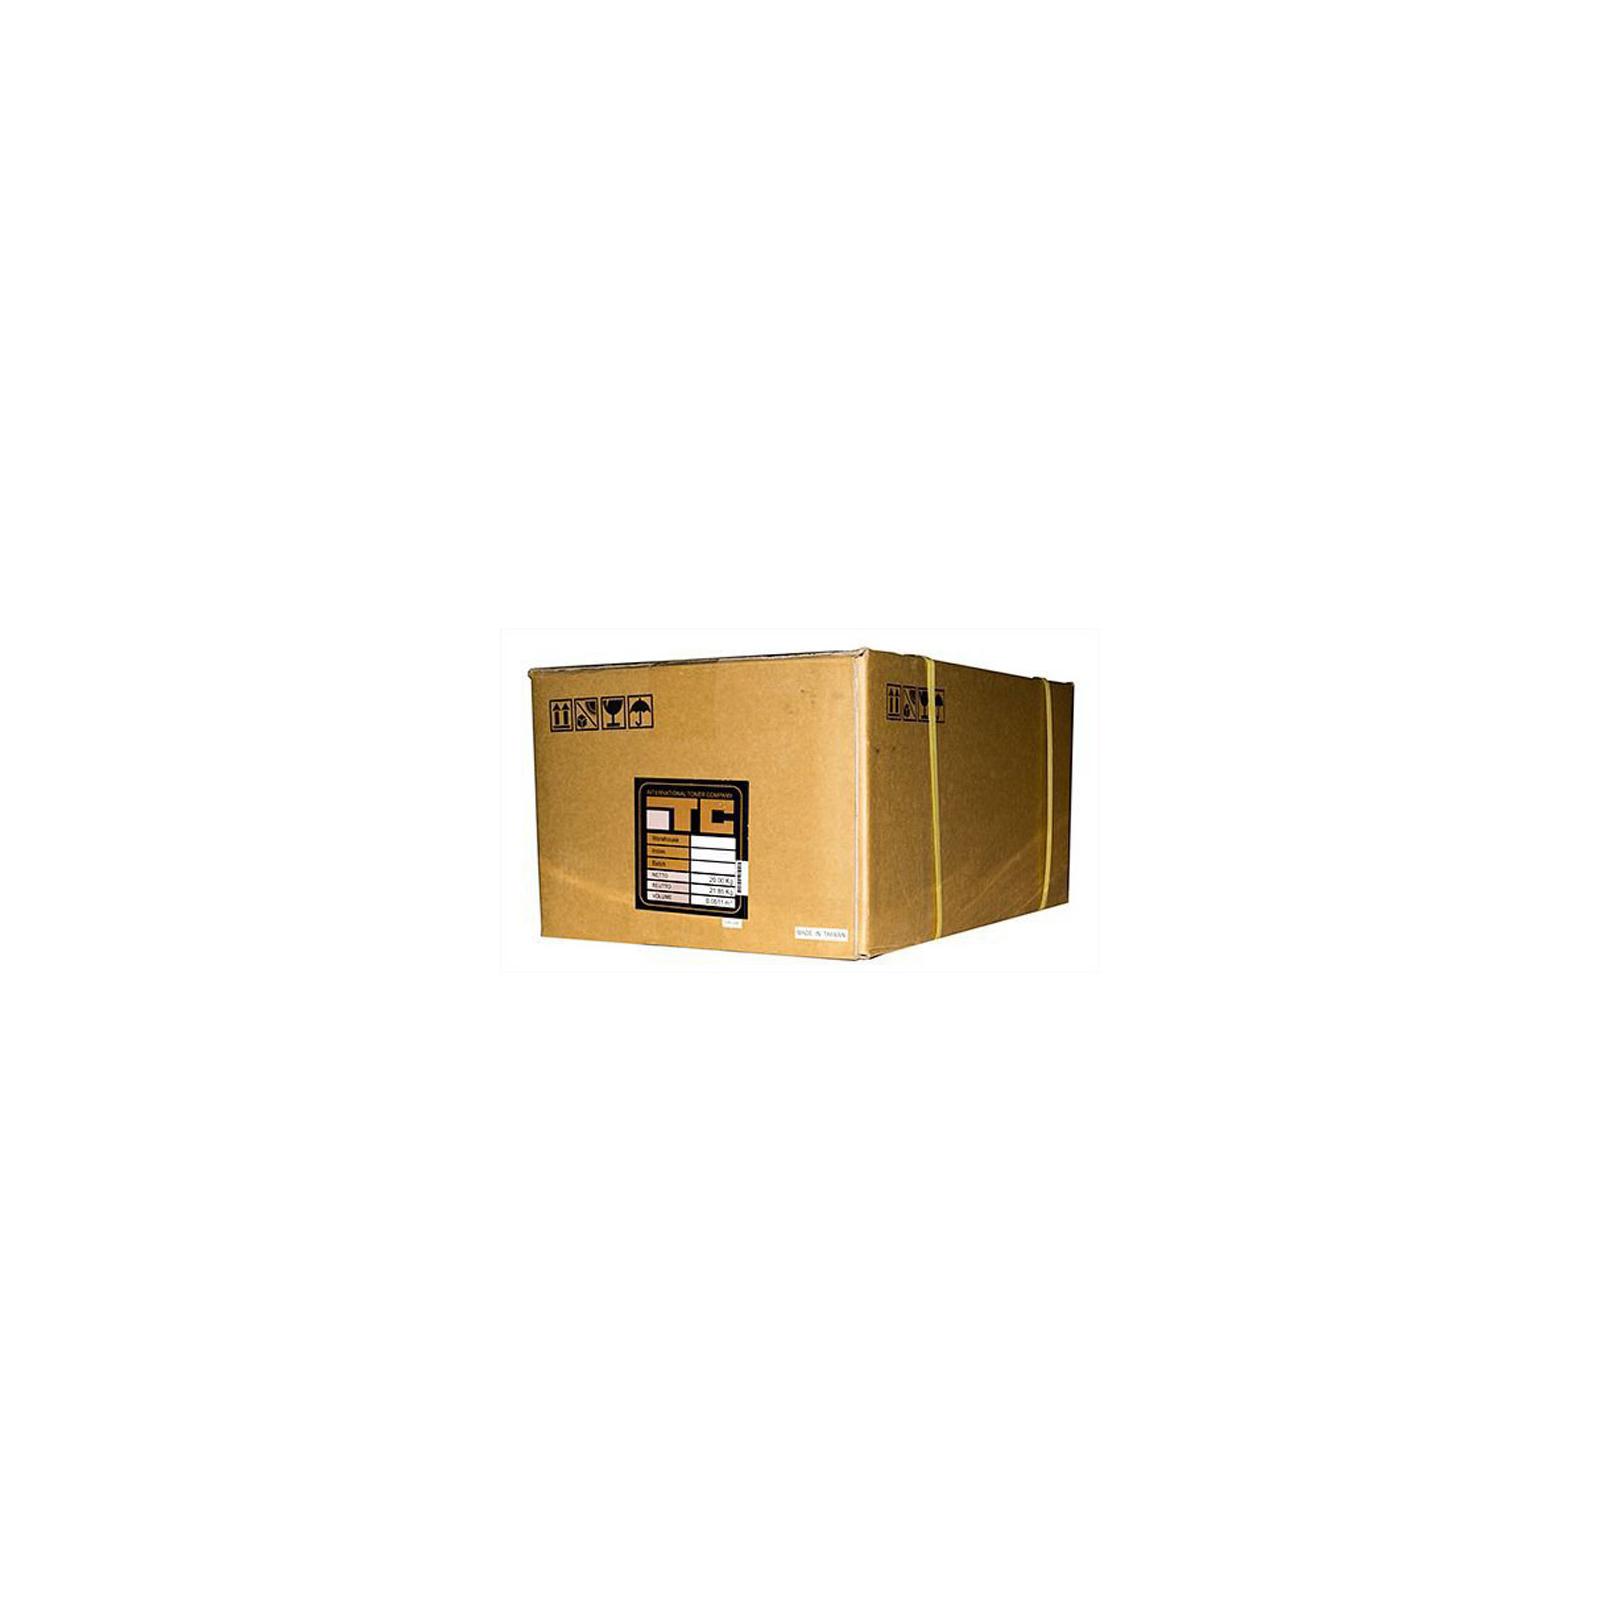 Тонер TTI SHARP AL-1000 (T230-1) (PB-016D1)